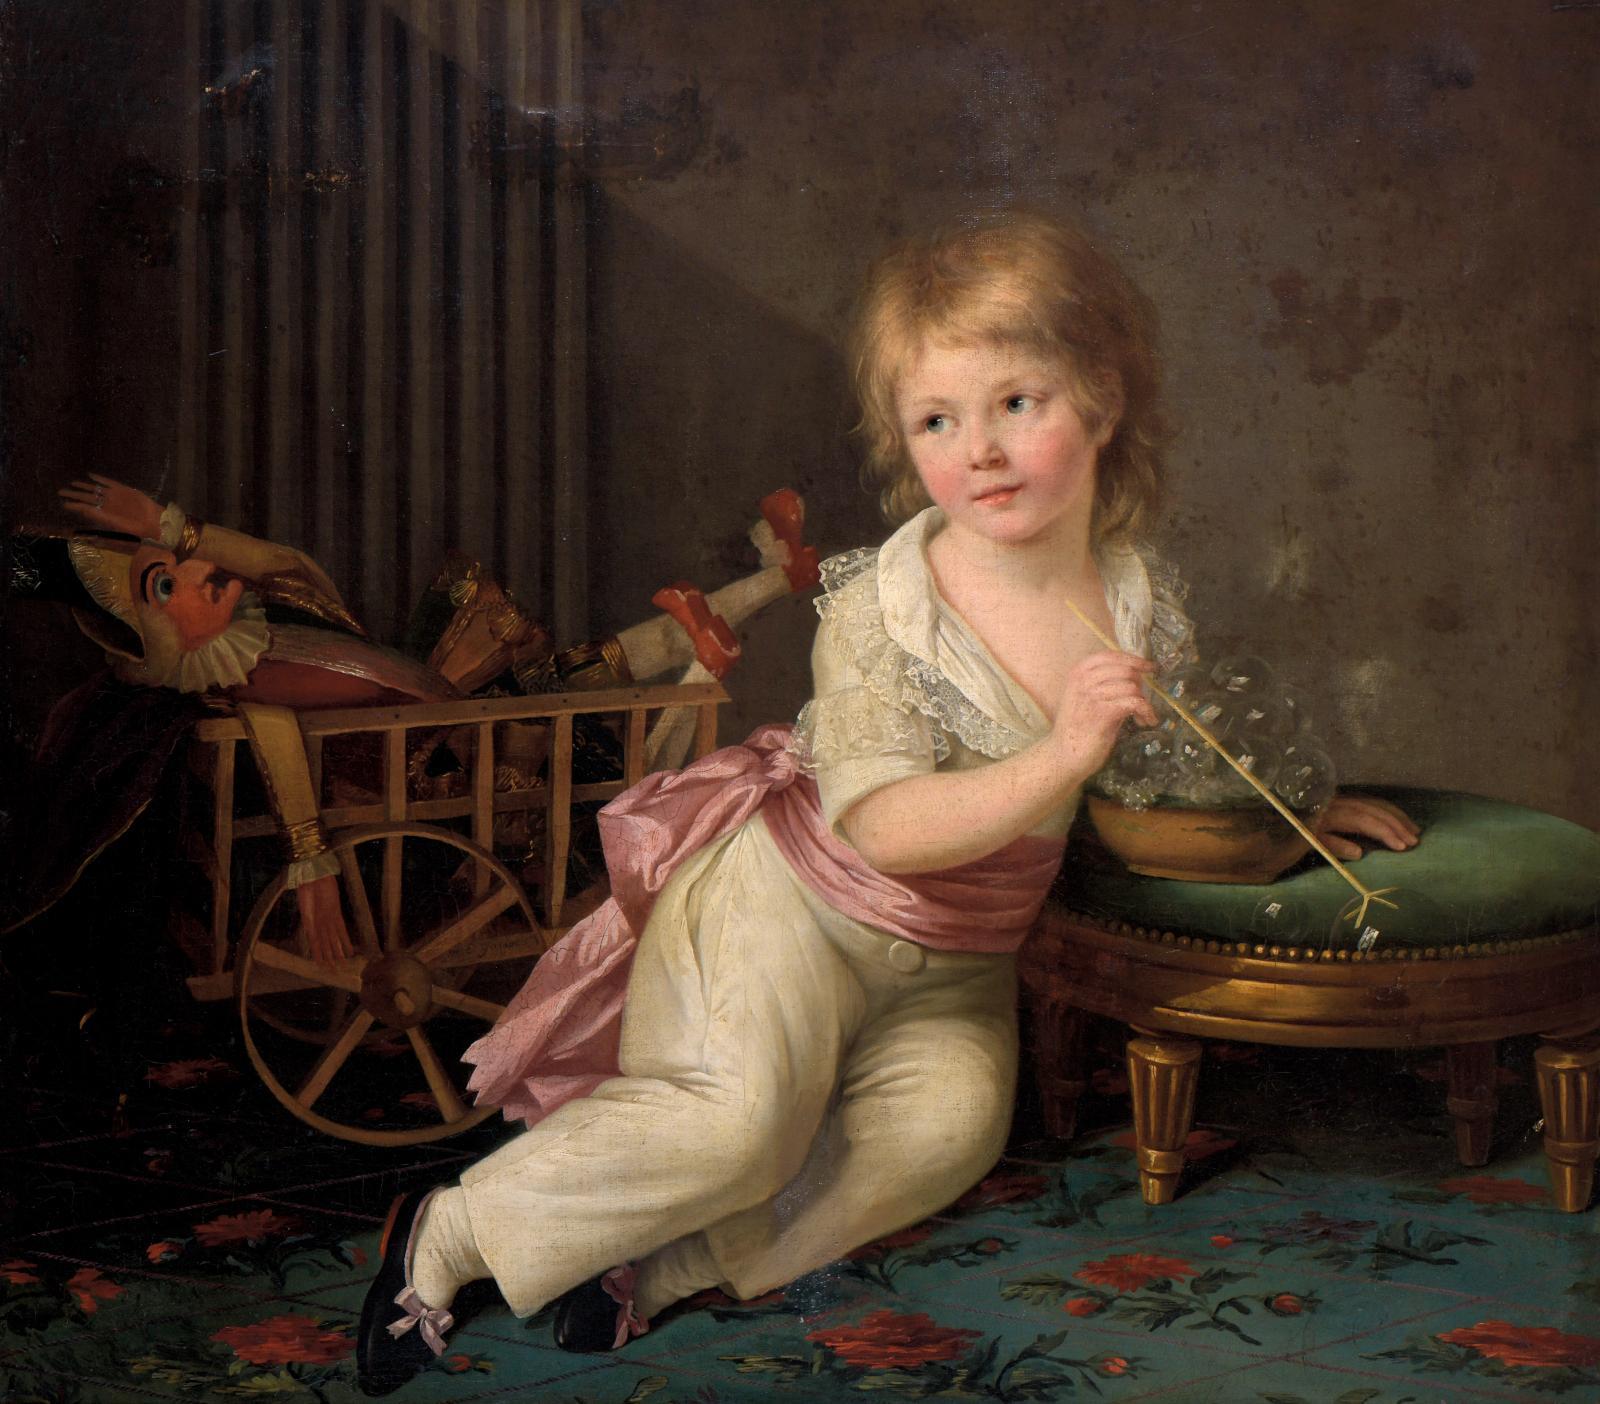 Marie-Élisabeth Lemoine (1761-1811), Portrait de petit garçon avec une charrette de jeux, jouant à faire des bulles, 1791, huile sur toile